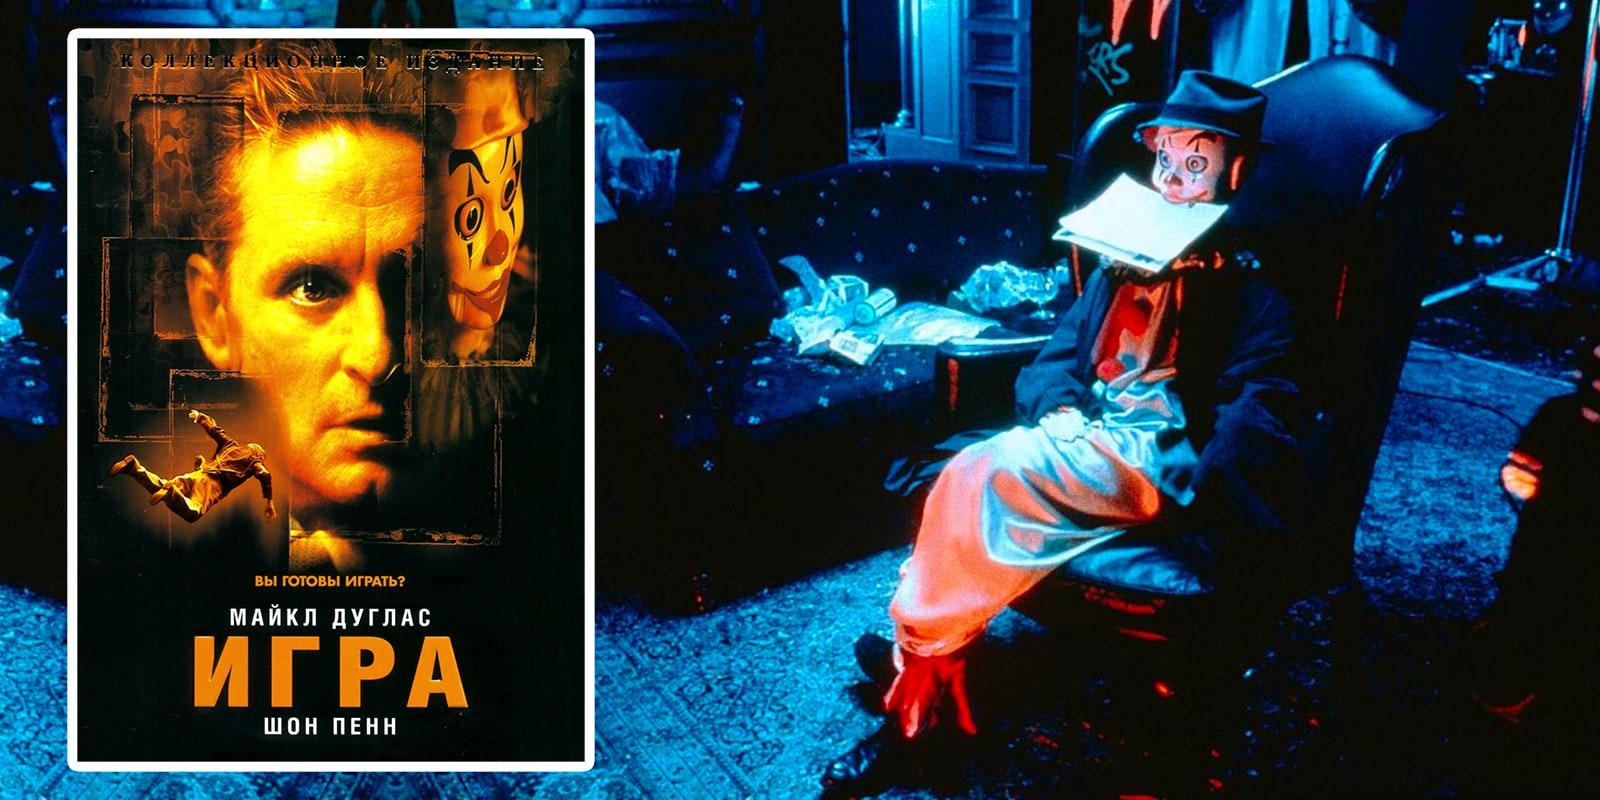 Игра (1997) The Game